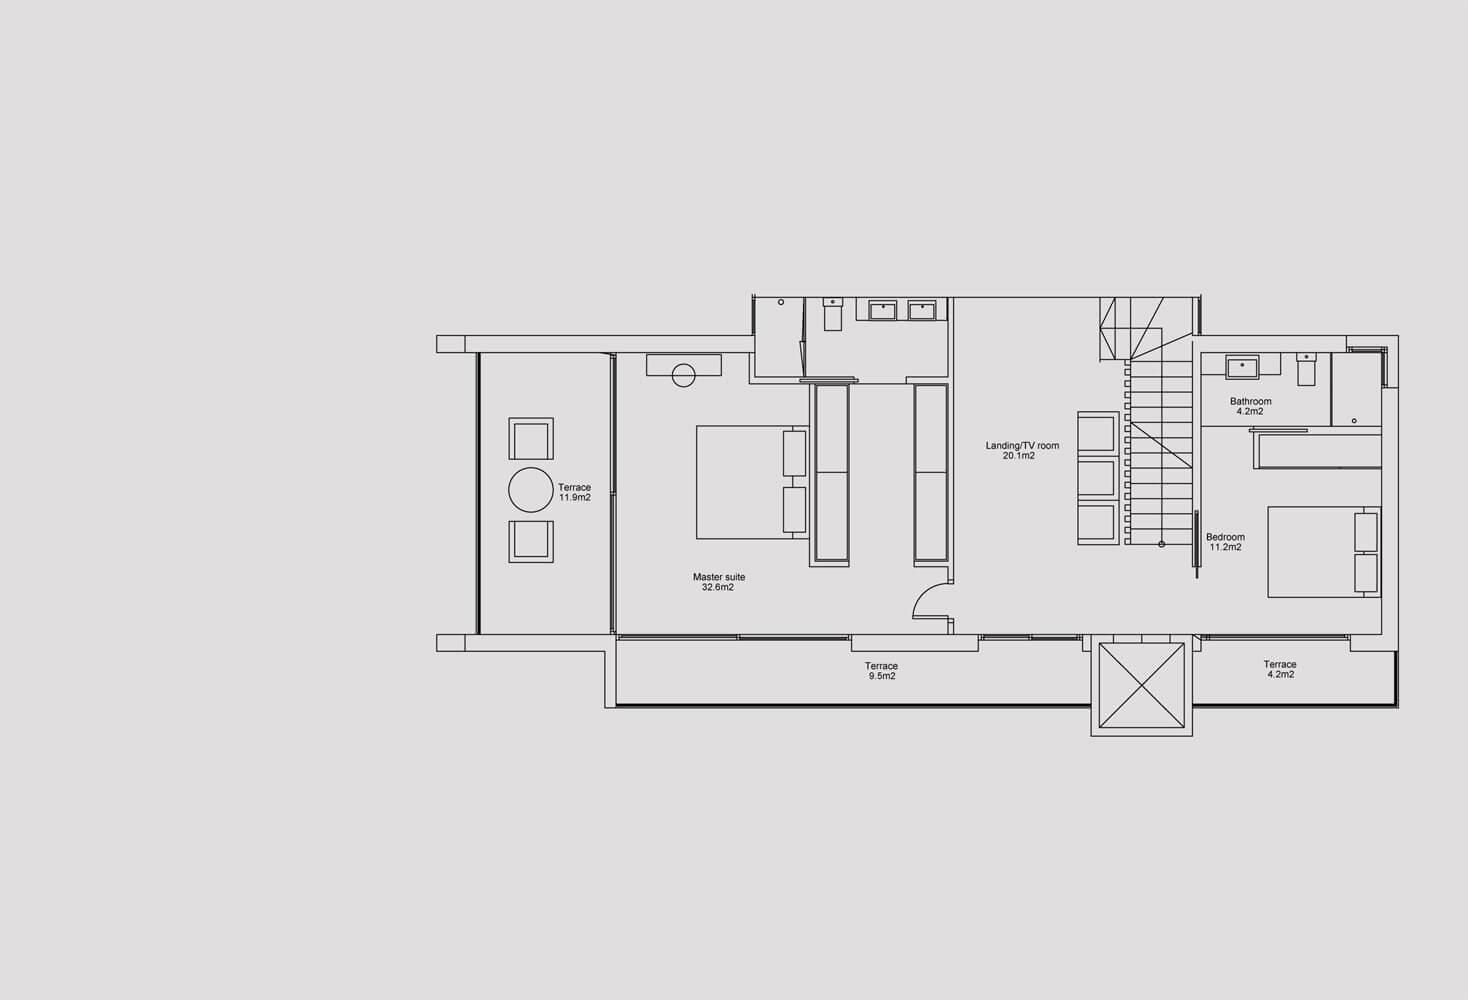 blue sky villas sky high villa riviera del sol nieuwbouw luxe te koop grondplan verdieping